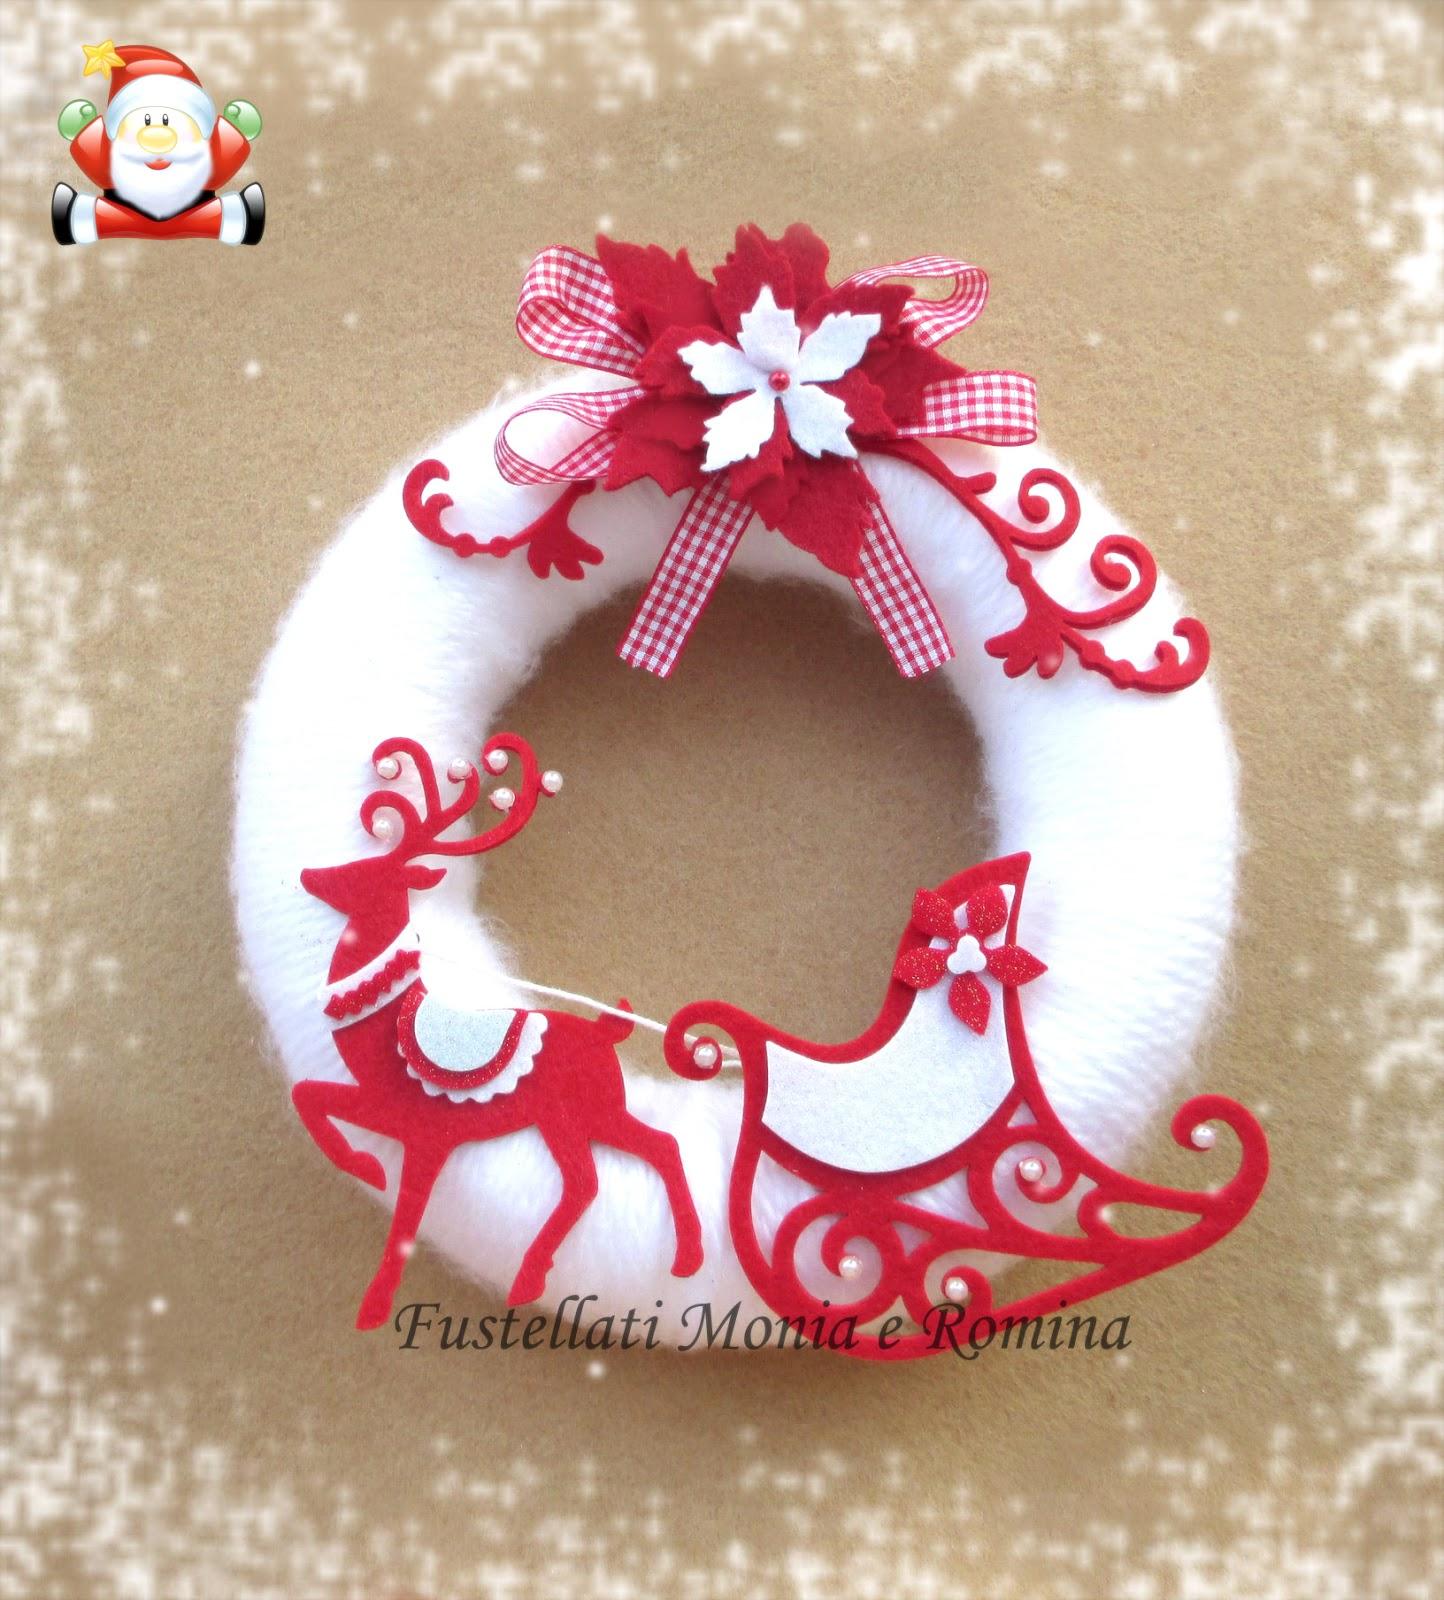 Fustellati monia e romina forme in feltro pannolenci e for Decorazioni da tavolo natalizie